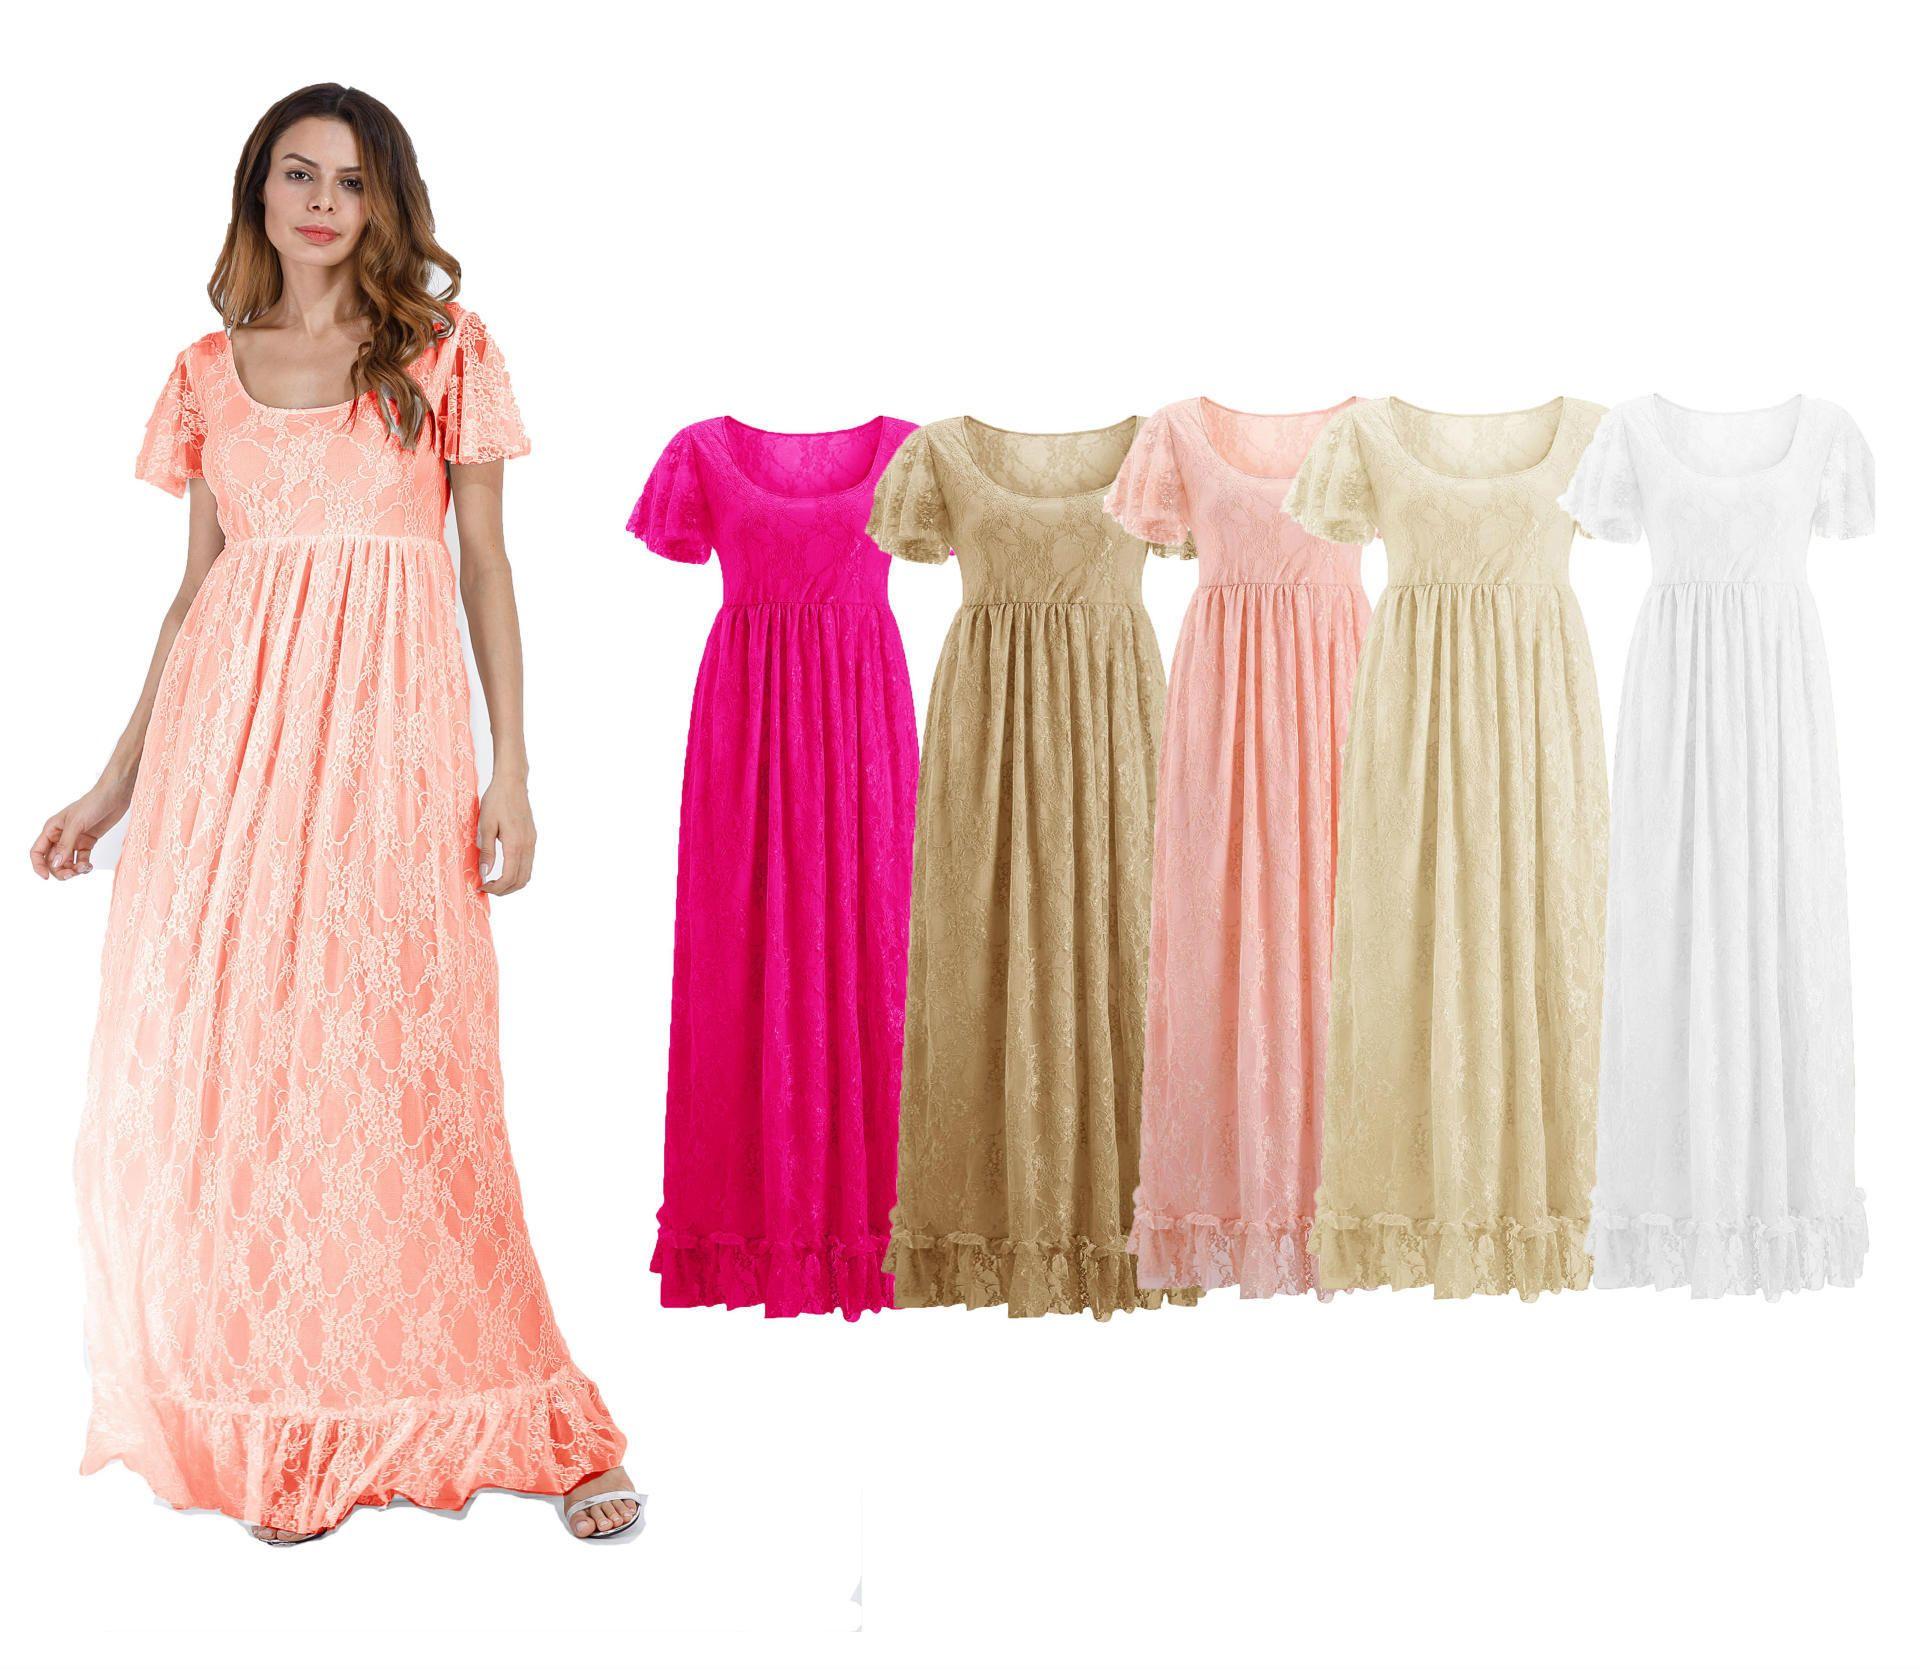 Großartig Brautjunferkleider Für Schwangere Frauen Galerie ...